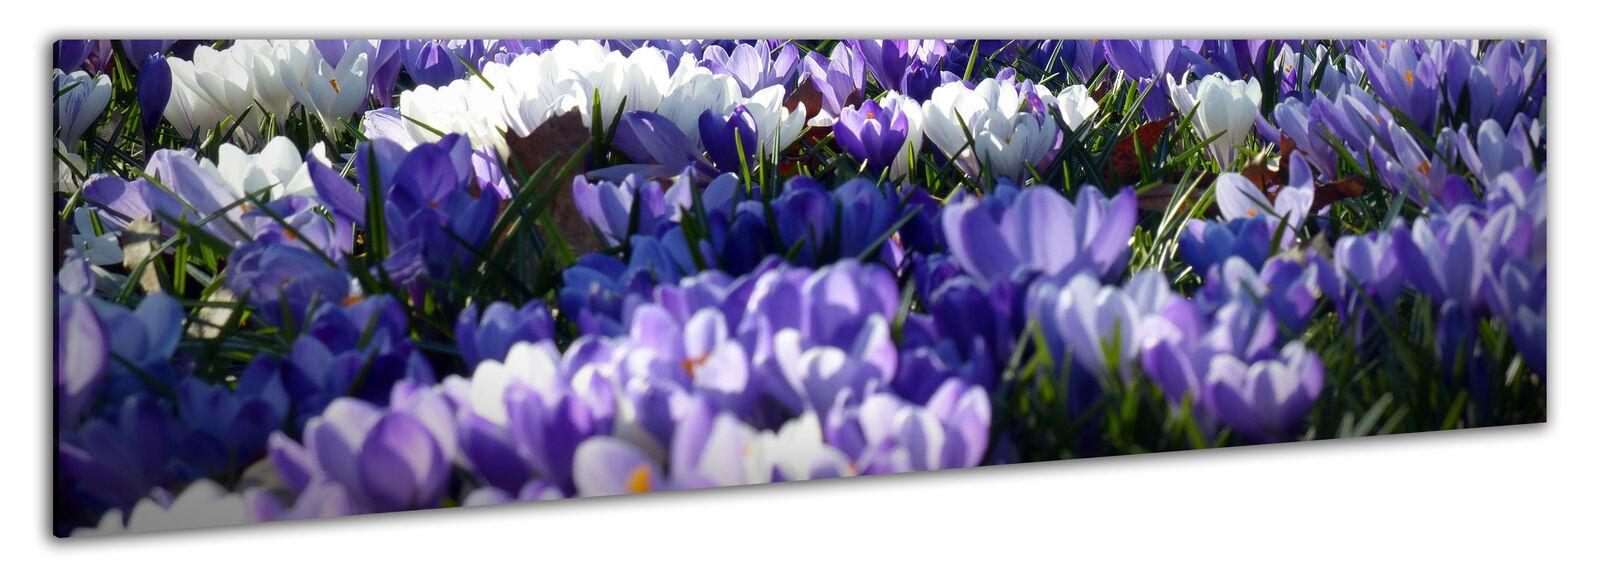 Image panoramique 150x50cm toile la fresque Keilrahmenbild fleurs Krokus